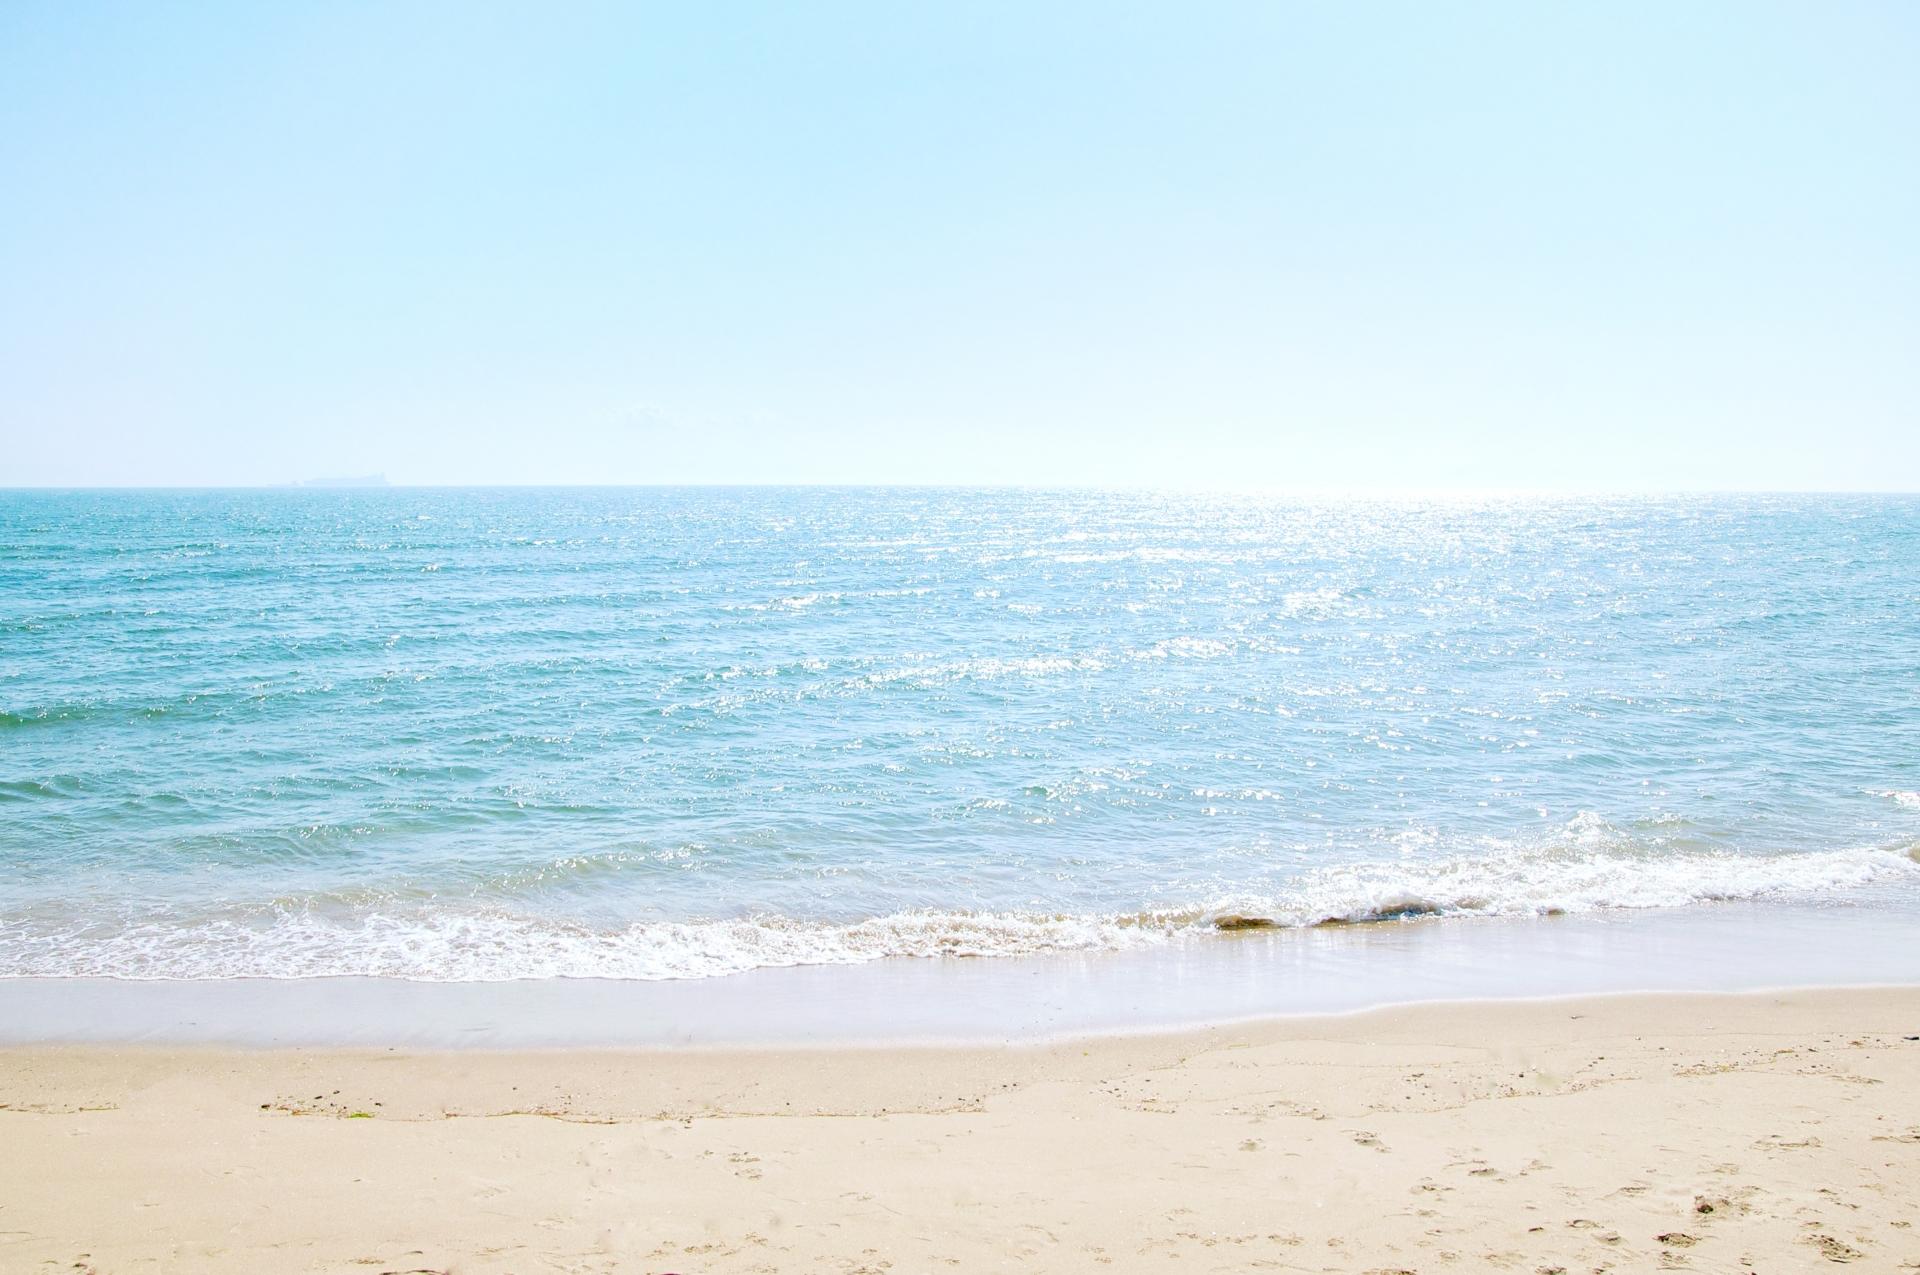 潮干狩りなら木更津がおすすめ!無料の穴場など人気スポットをご紹介!